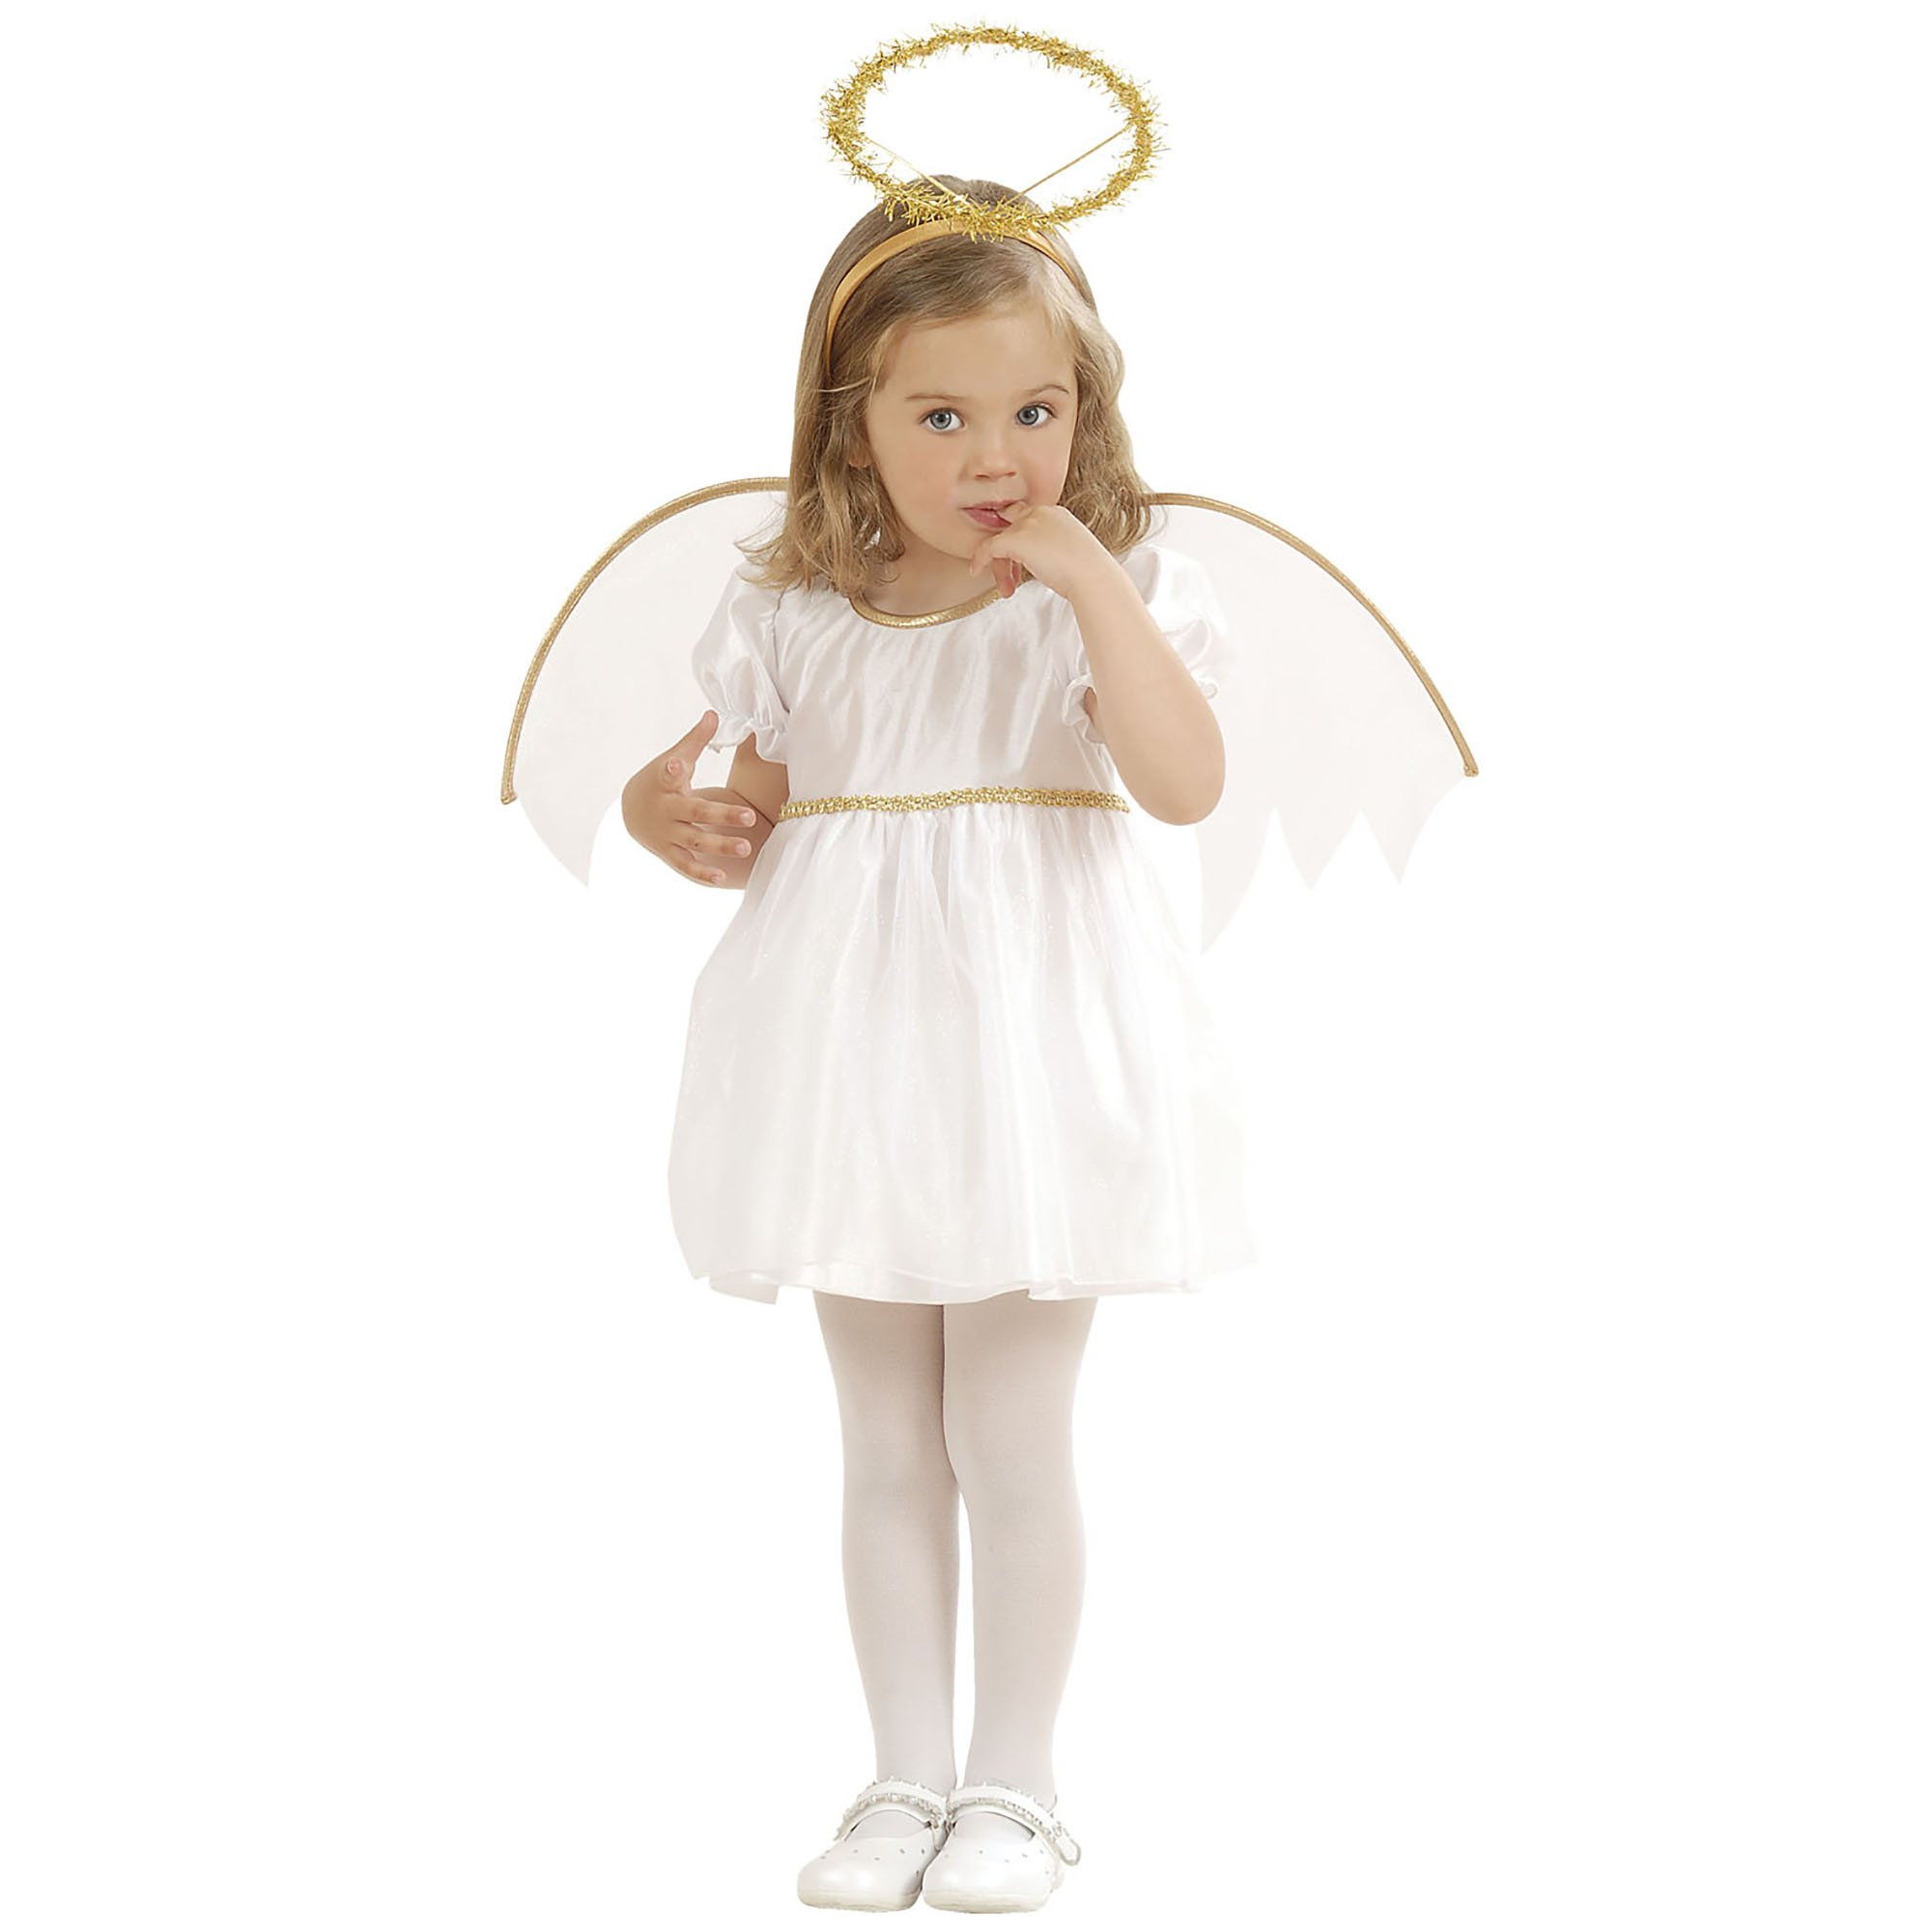 950c61a3a Niños Disfraz – Ángel – Tamaños 98, 104 - Disfraceslandia